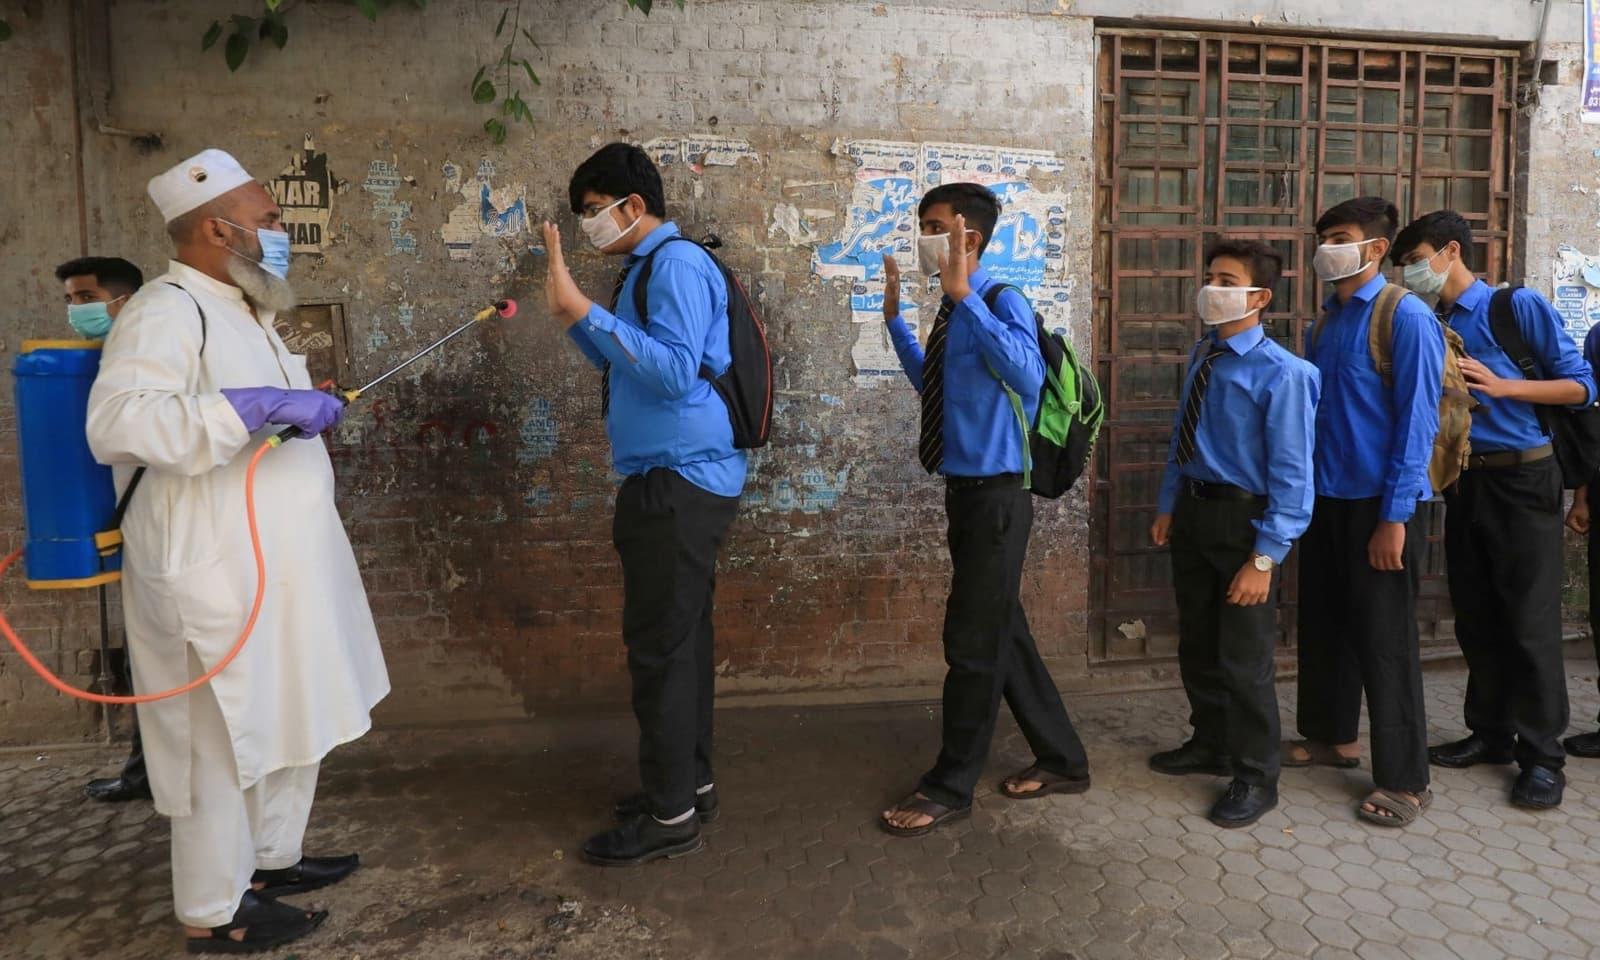 وبا کی وجہ سے آج سے شروع ہونے والے نئے تعلیمی سال کو مختصر کردیا گیا ہے —  فوٹو: رائٹرز